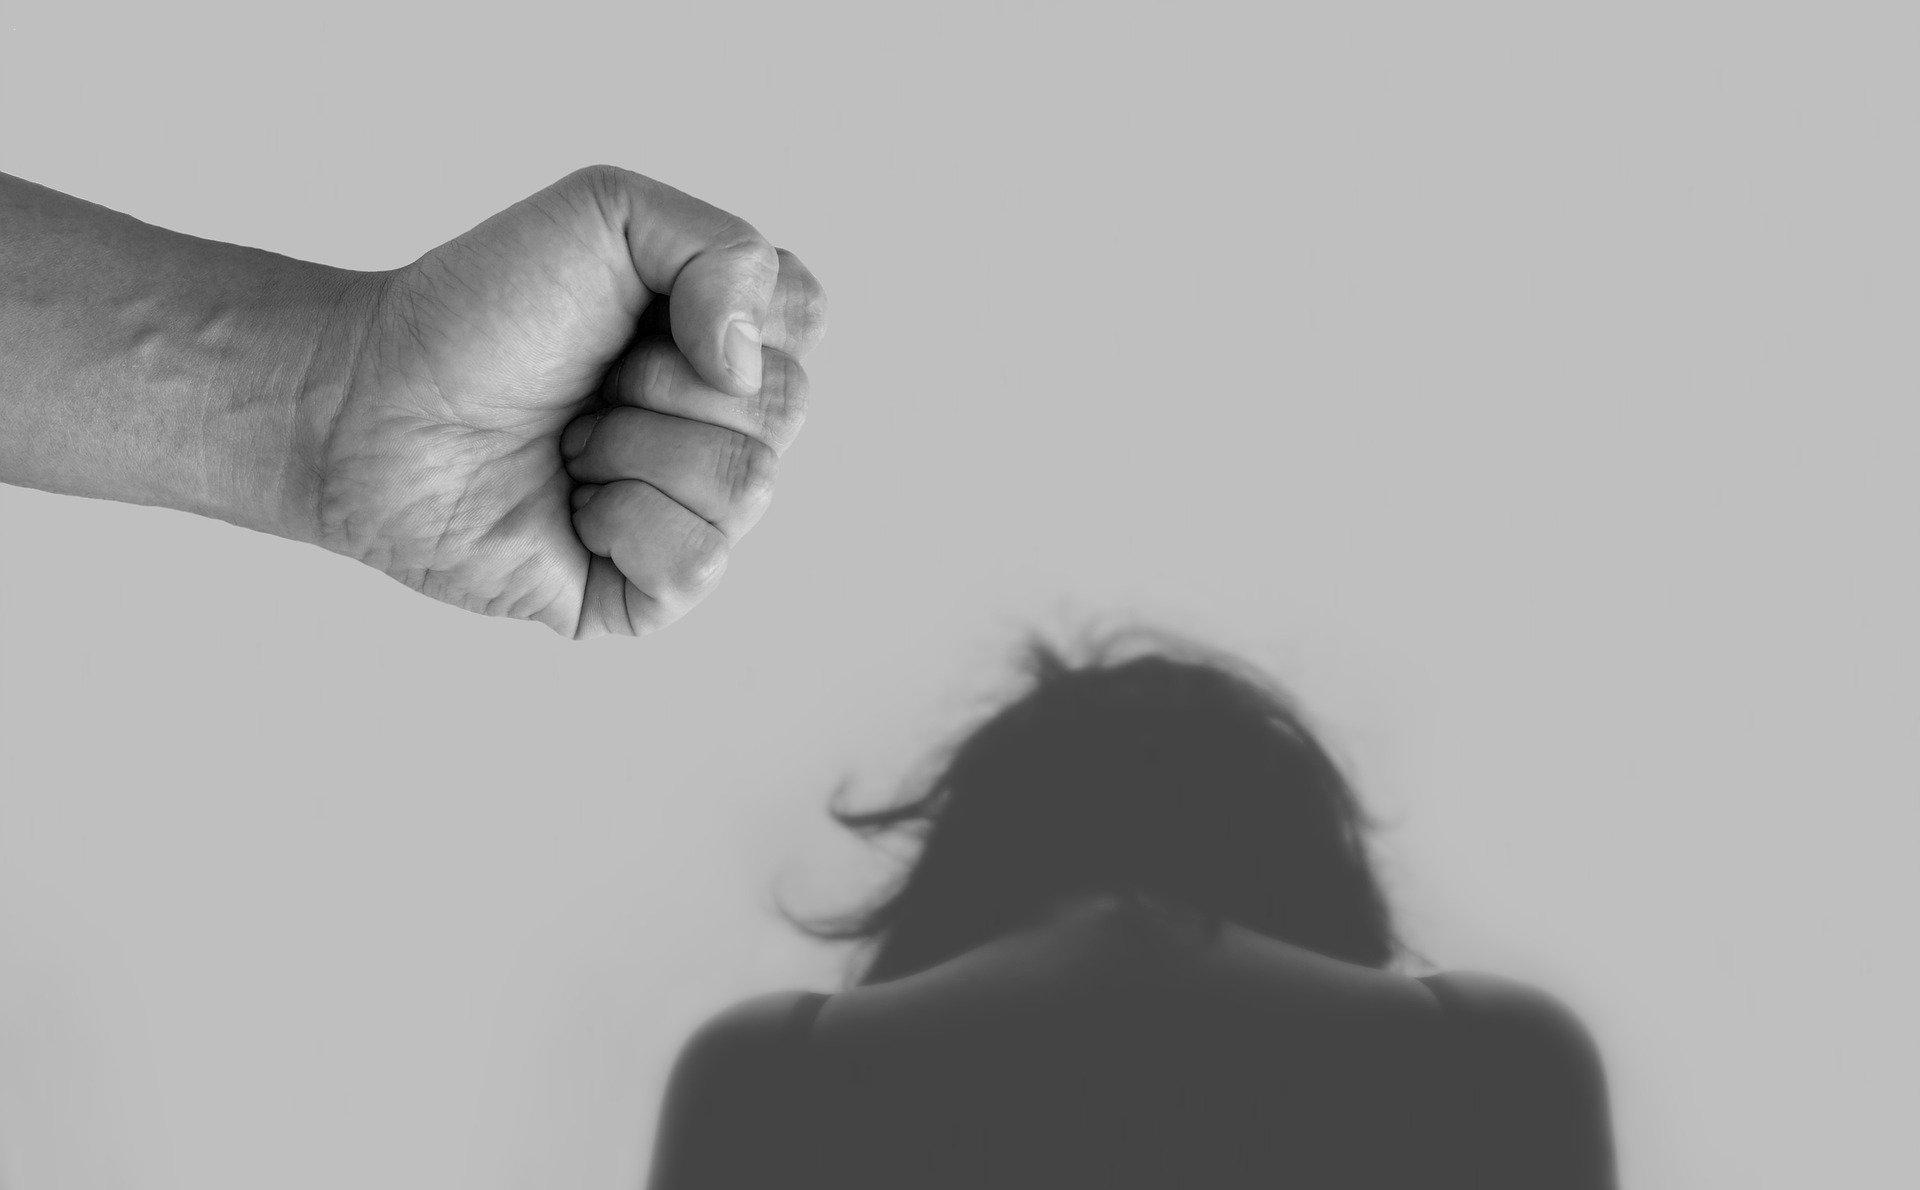 violence-against-women-g4531f5b0e_1920